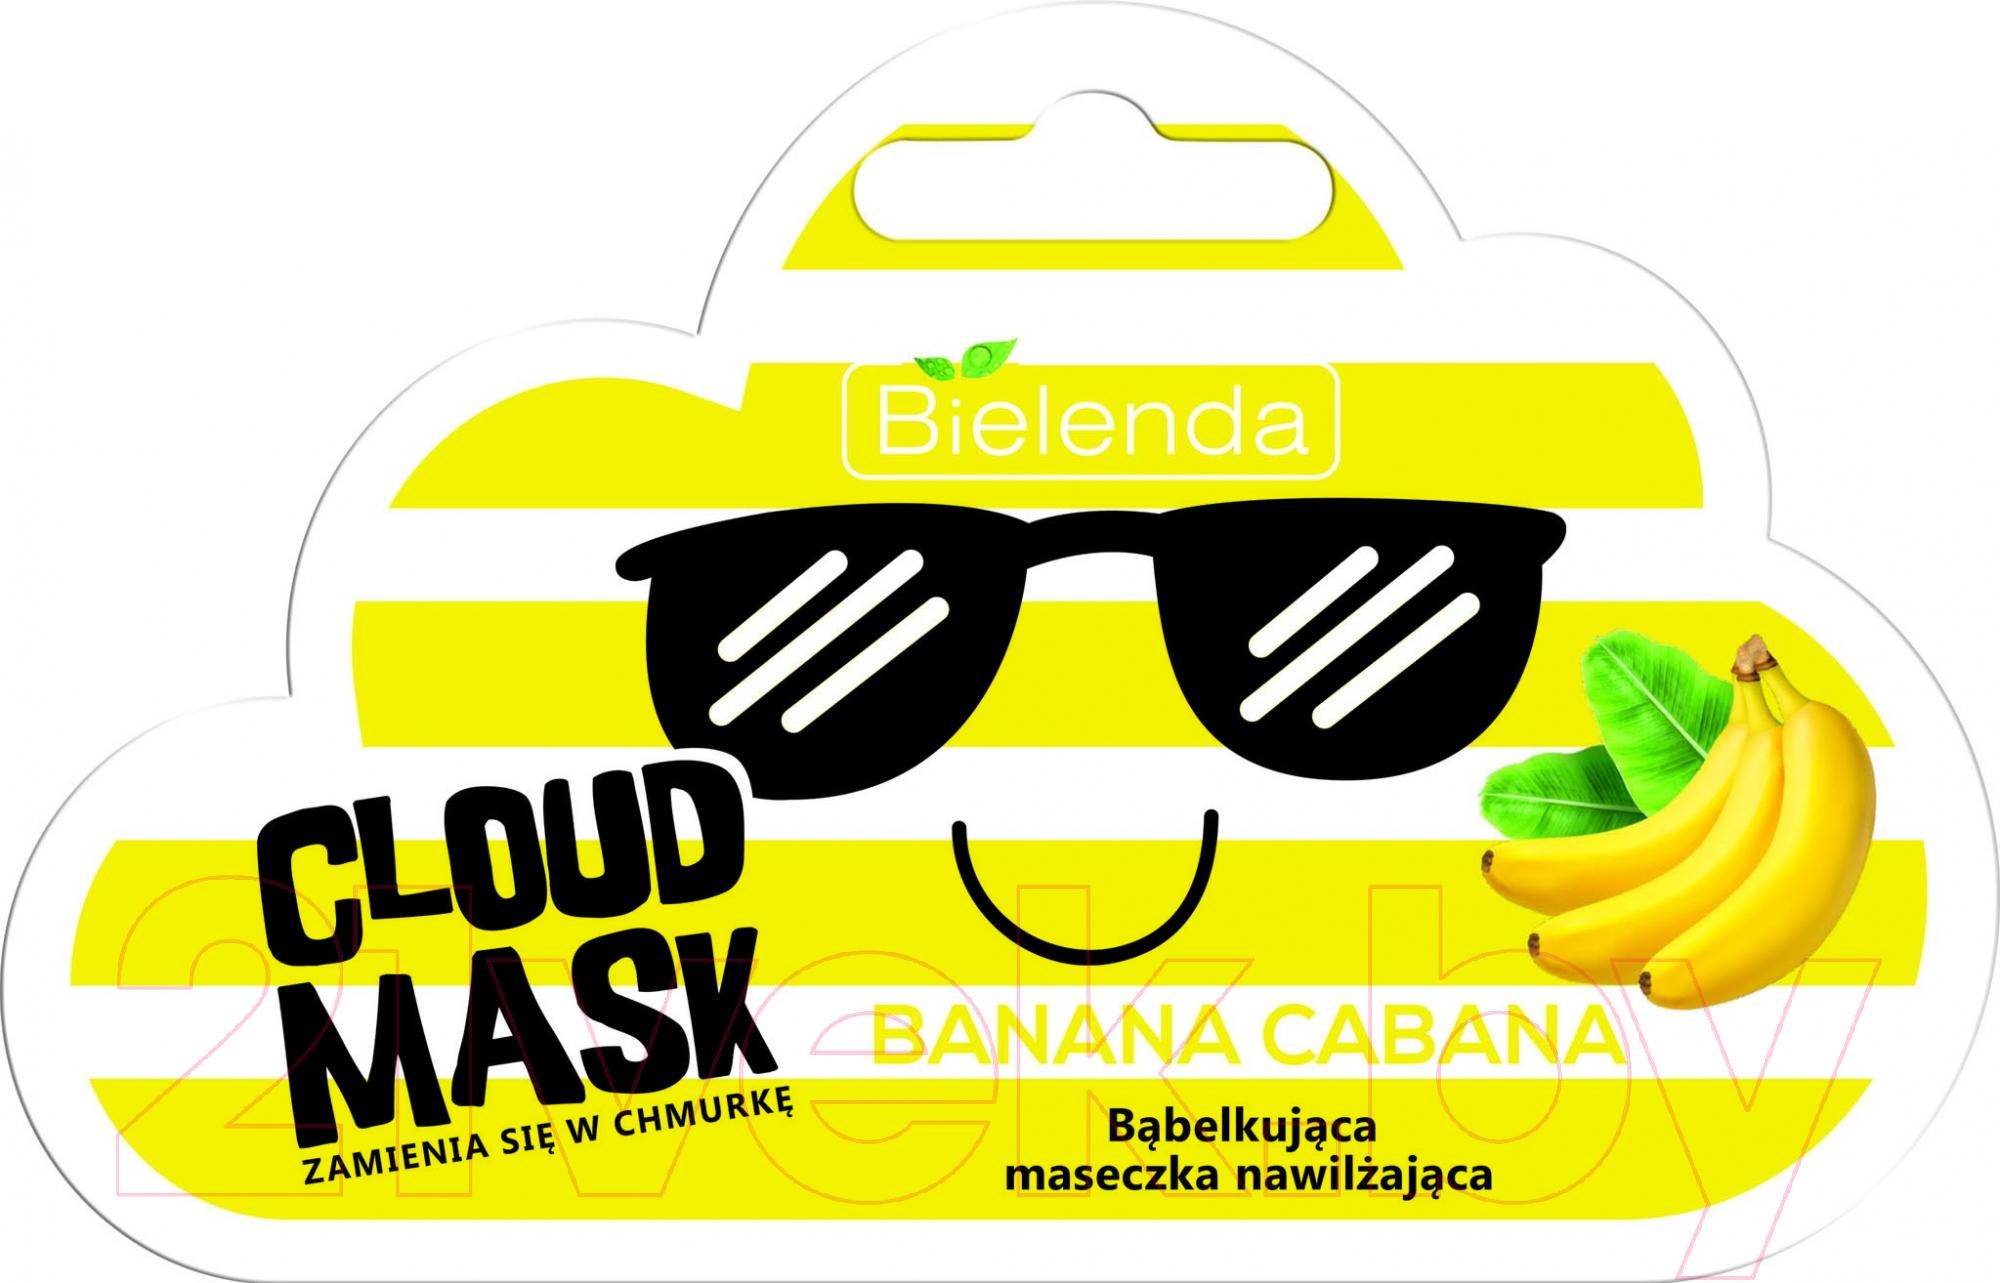 Купить Маска для лица Bielenda, Cloud Mask Banana Cabana кислородная увлажняющая (6г), Польша, Cloud mask (Bielenda)